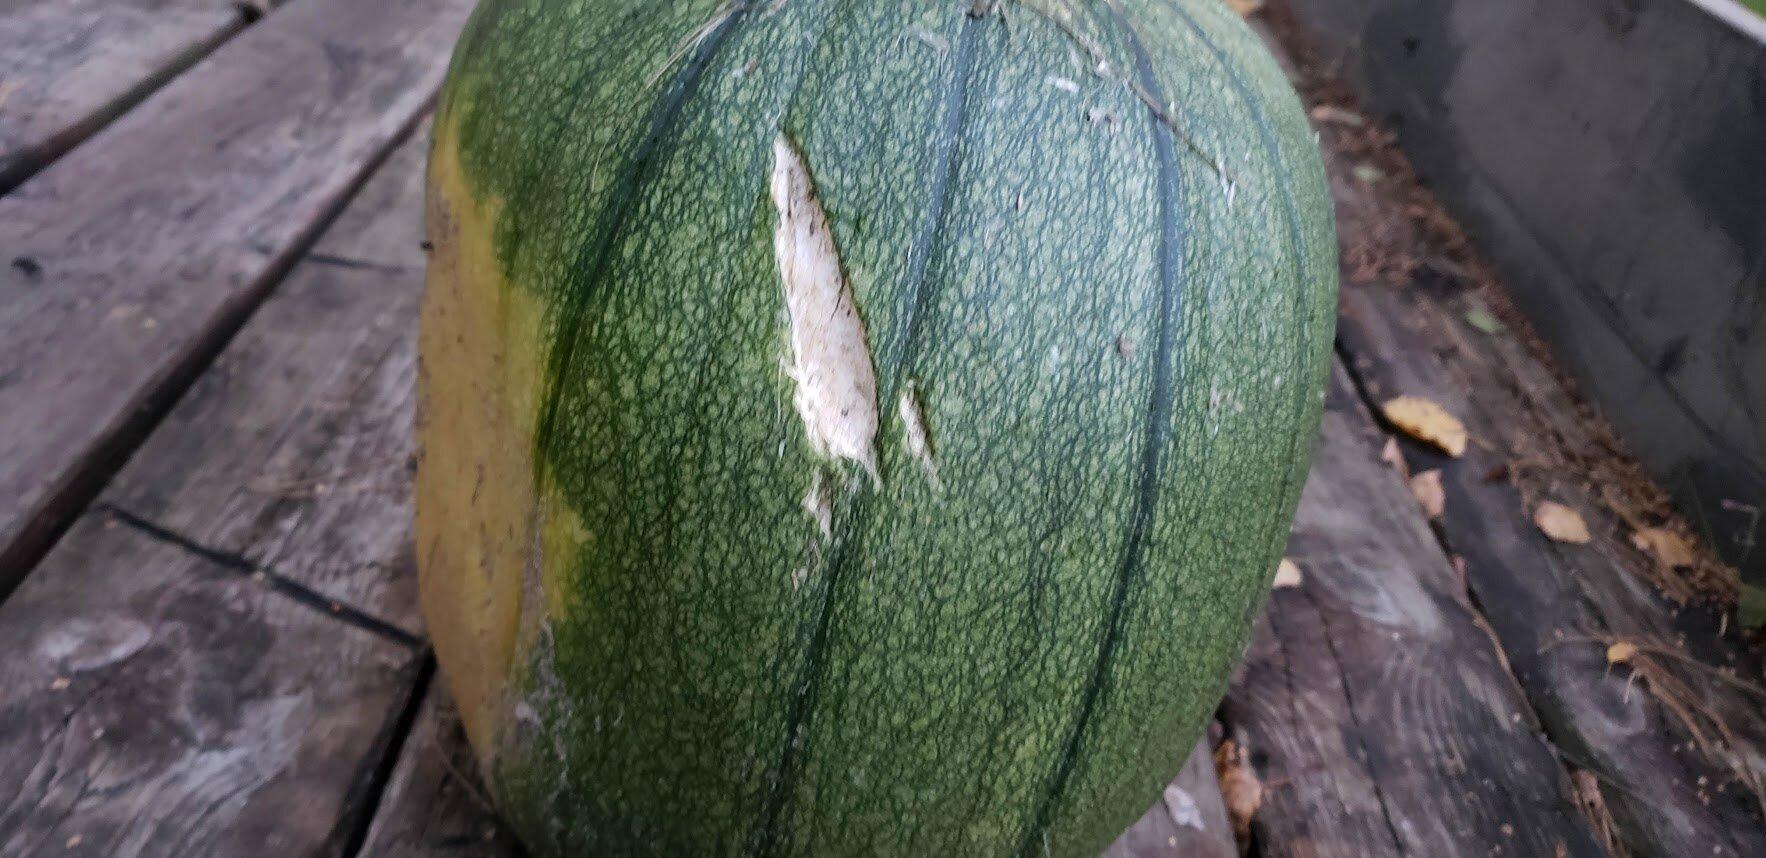 pumpkin damaged by road workers.jpg